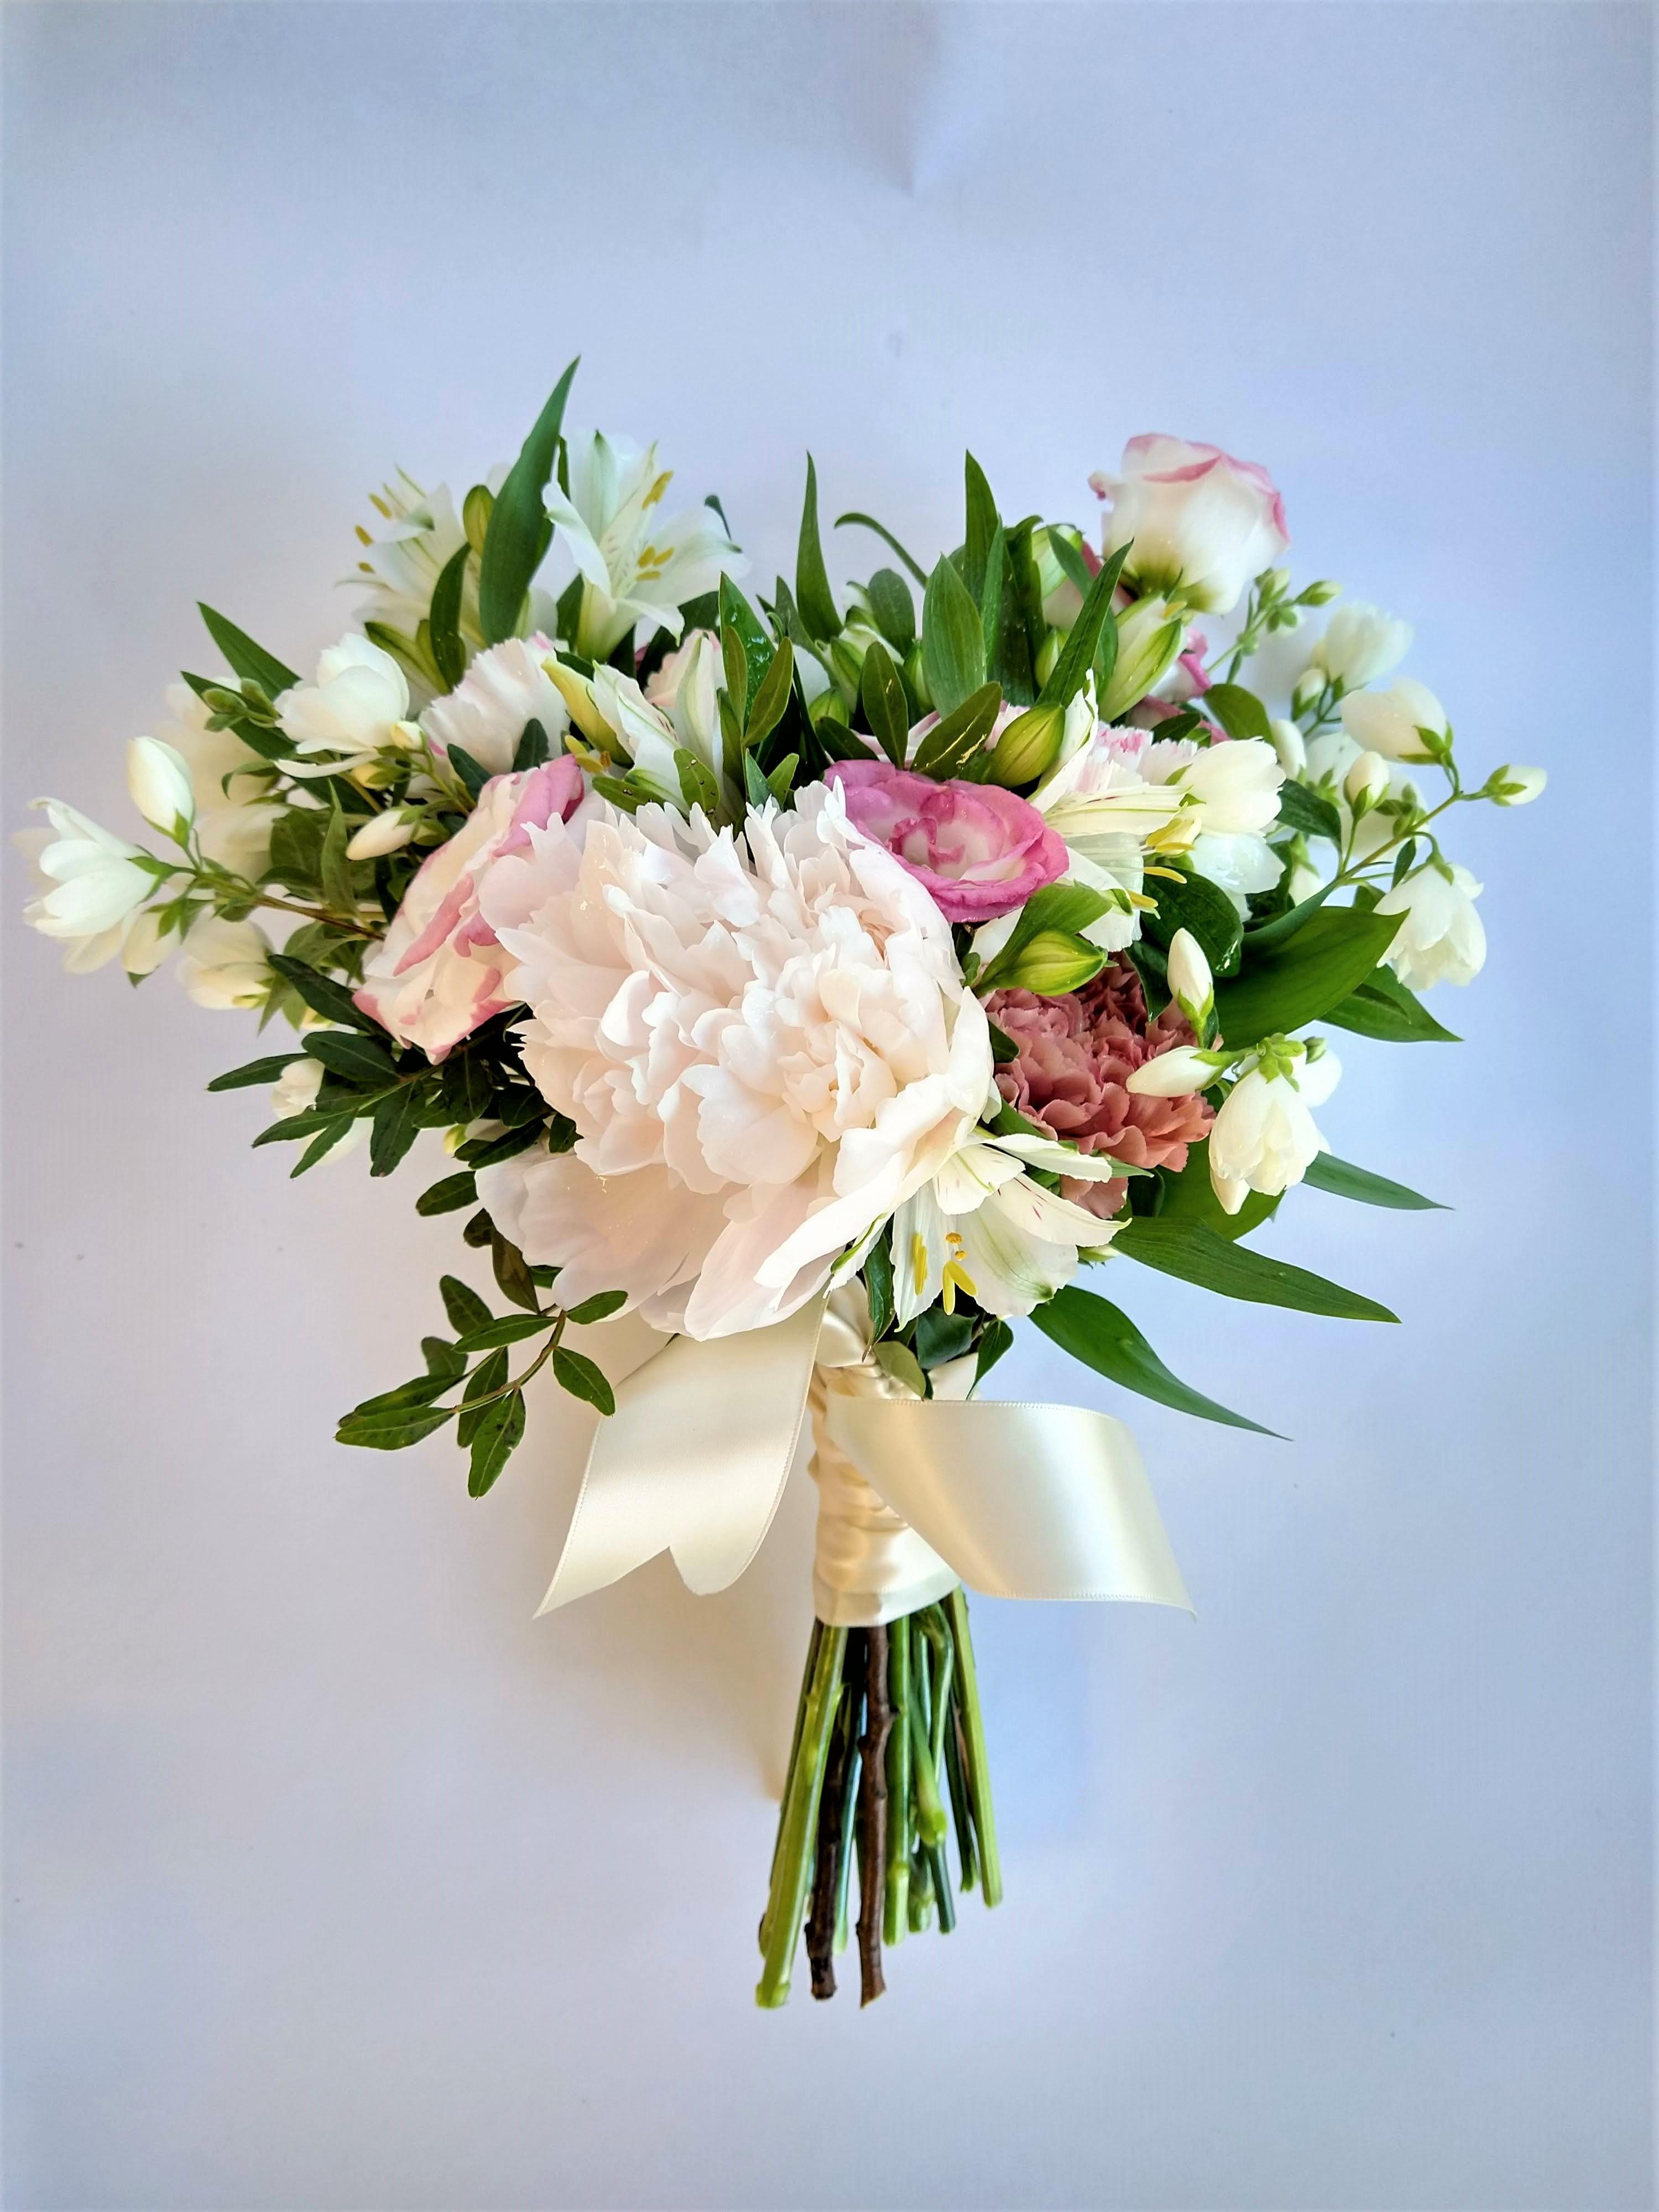 Attendant's bouquet